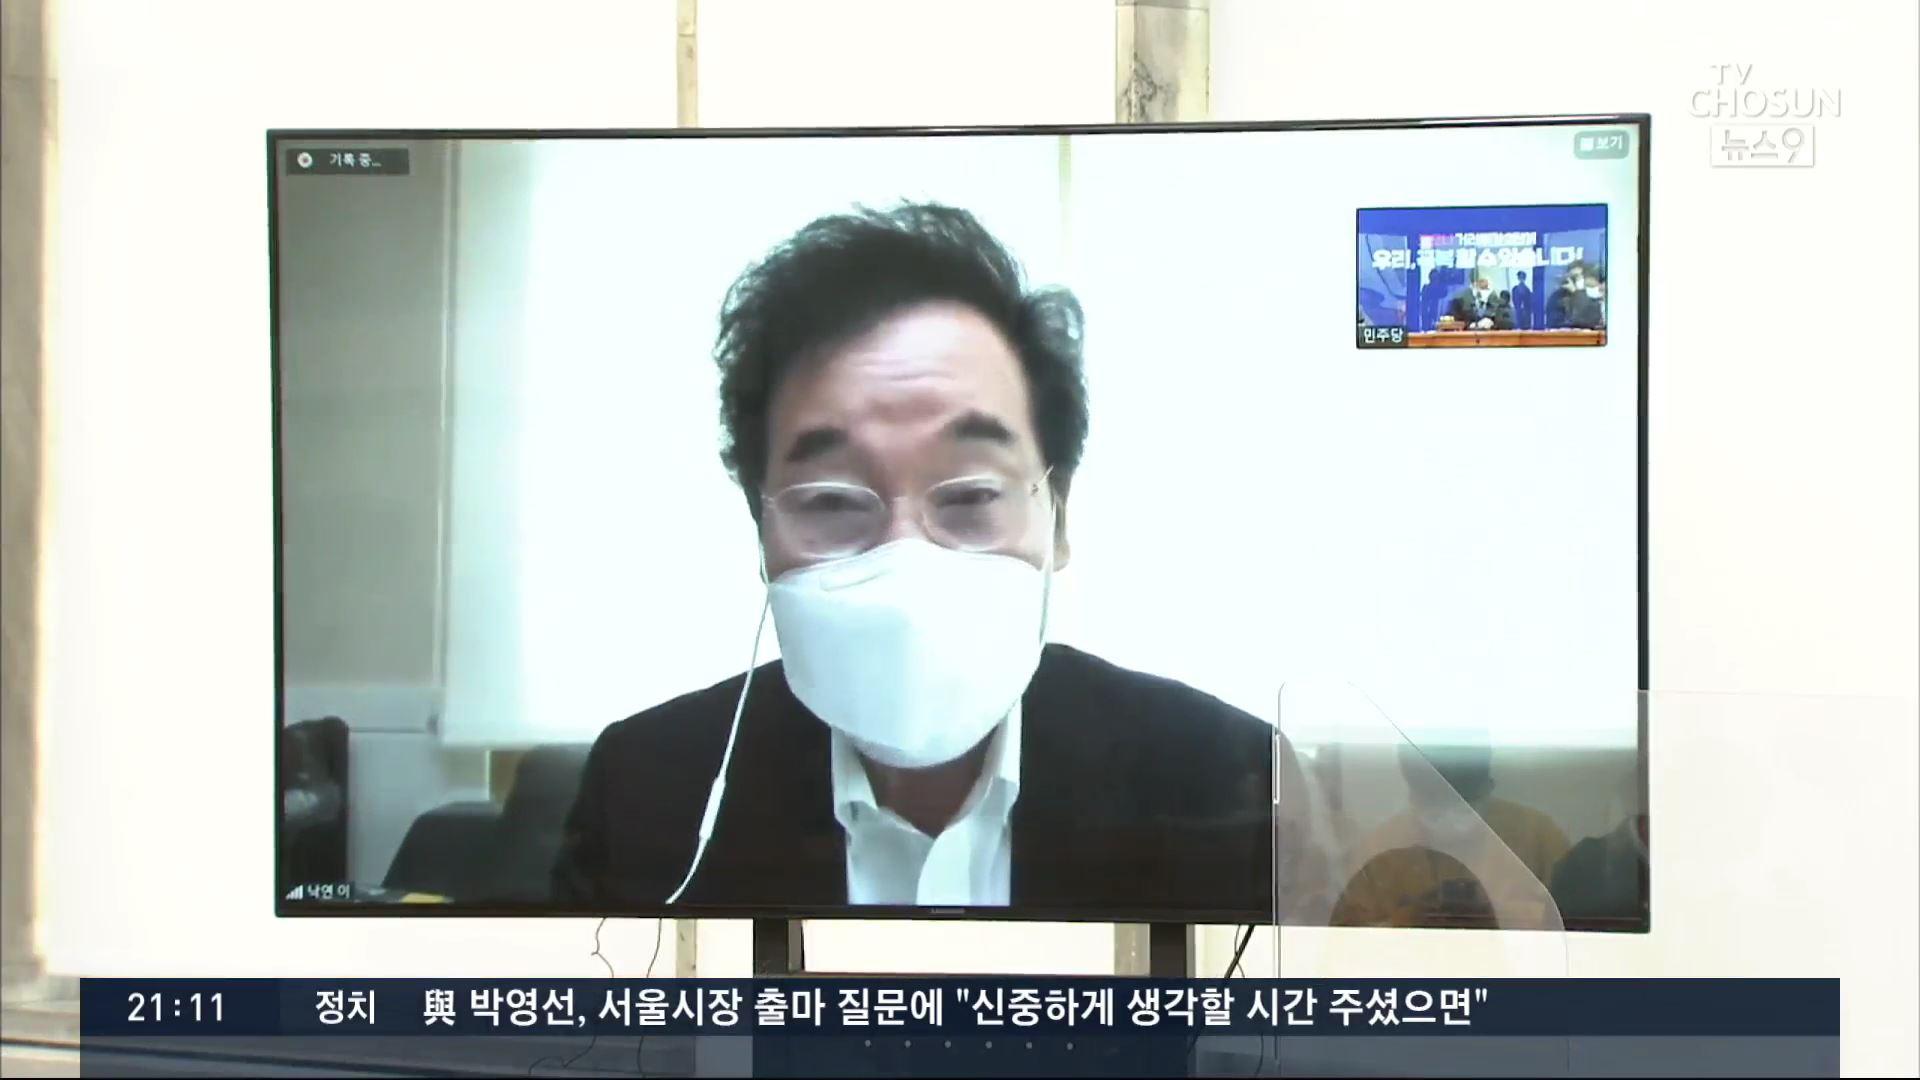 與 '檢 집단행동은 특권의식'…이상민 '동반 퇴진'엔 '당 나가라' 악플